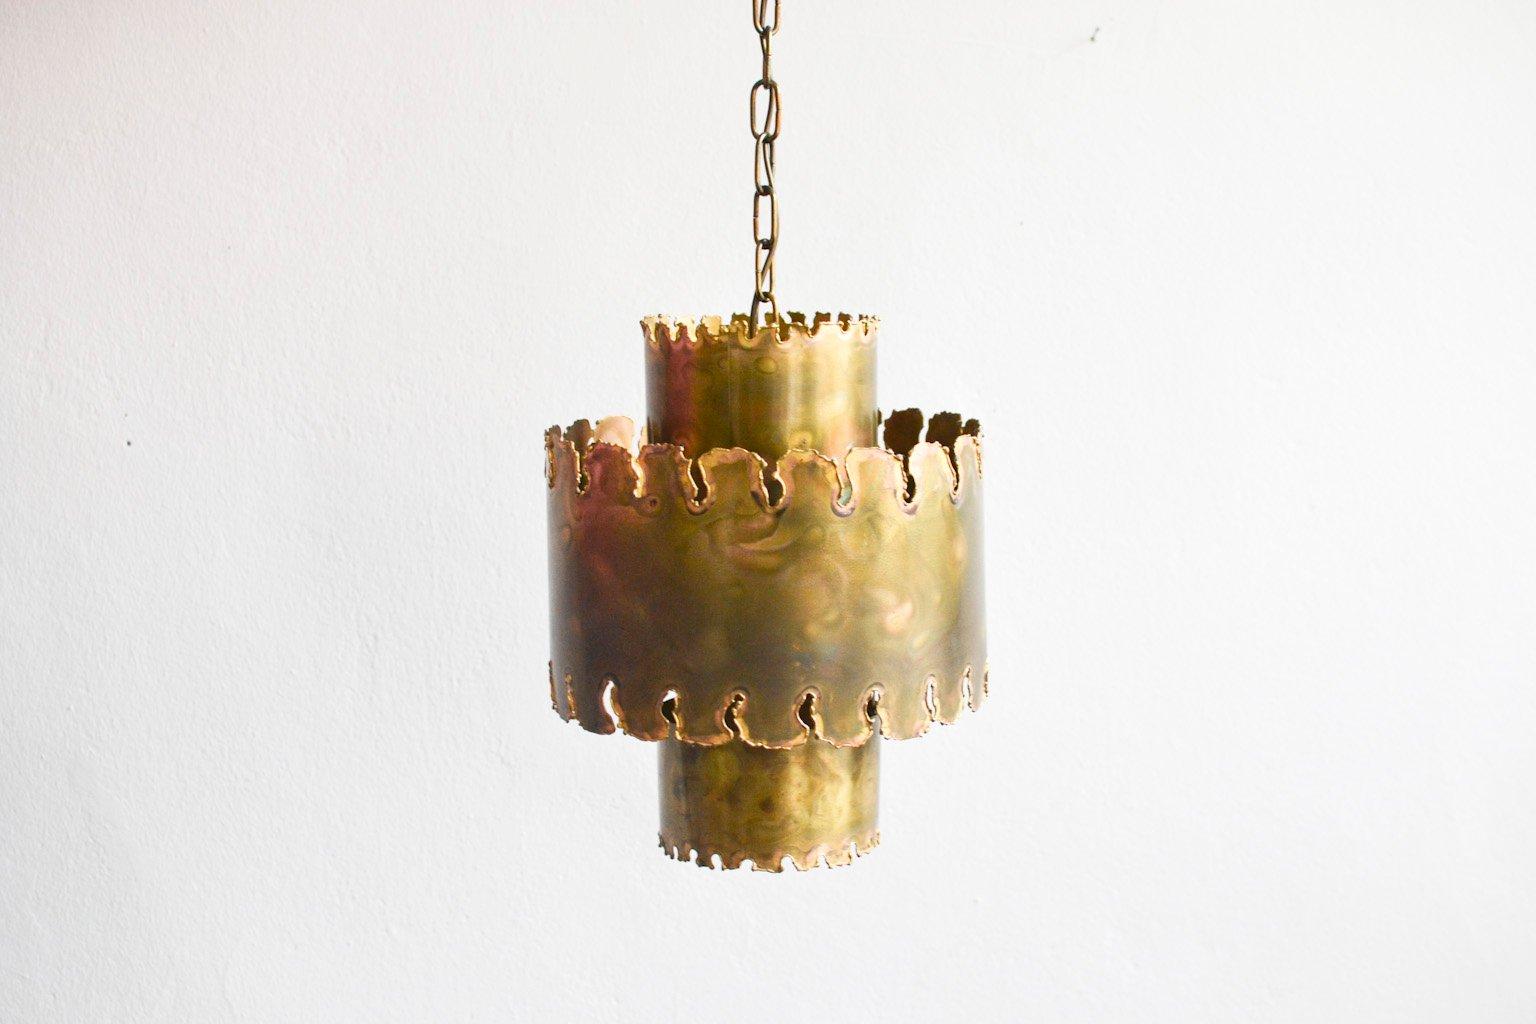 Brutalistische Vintage Hängelampe von Holm Sorensen